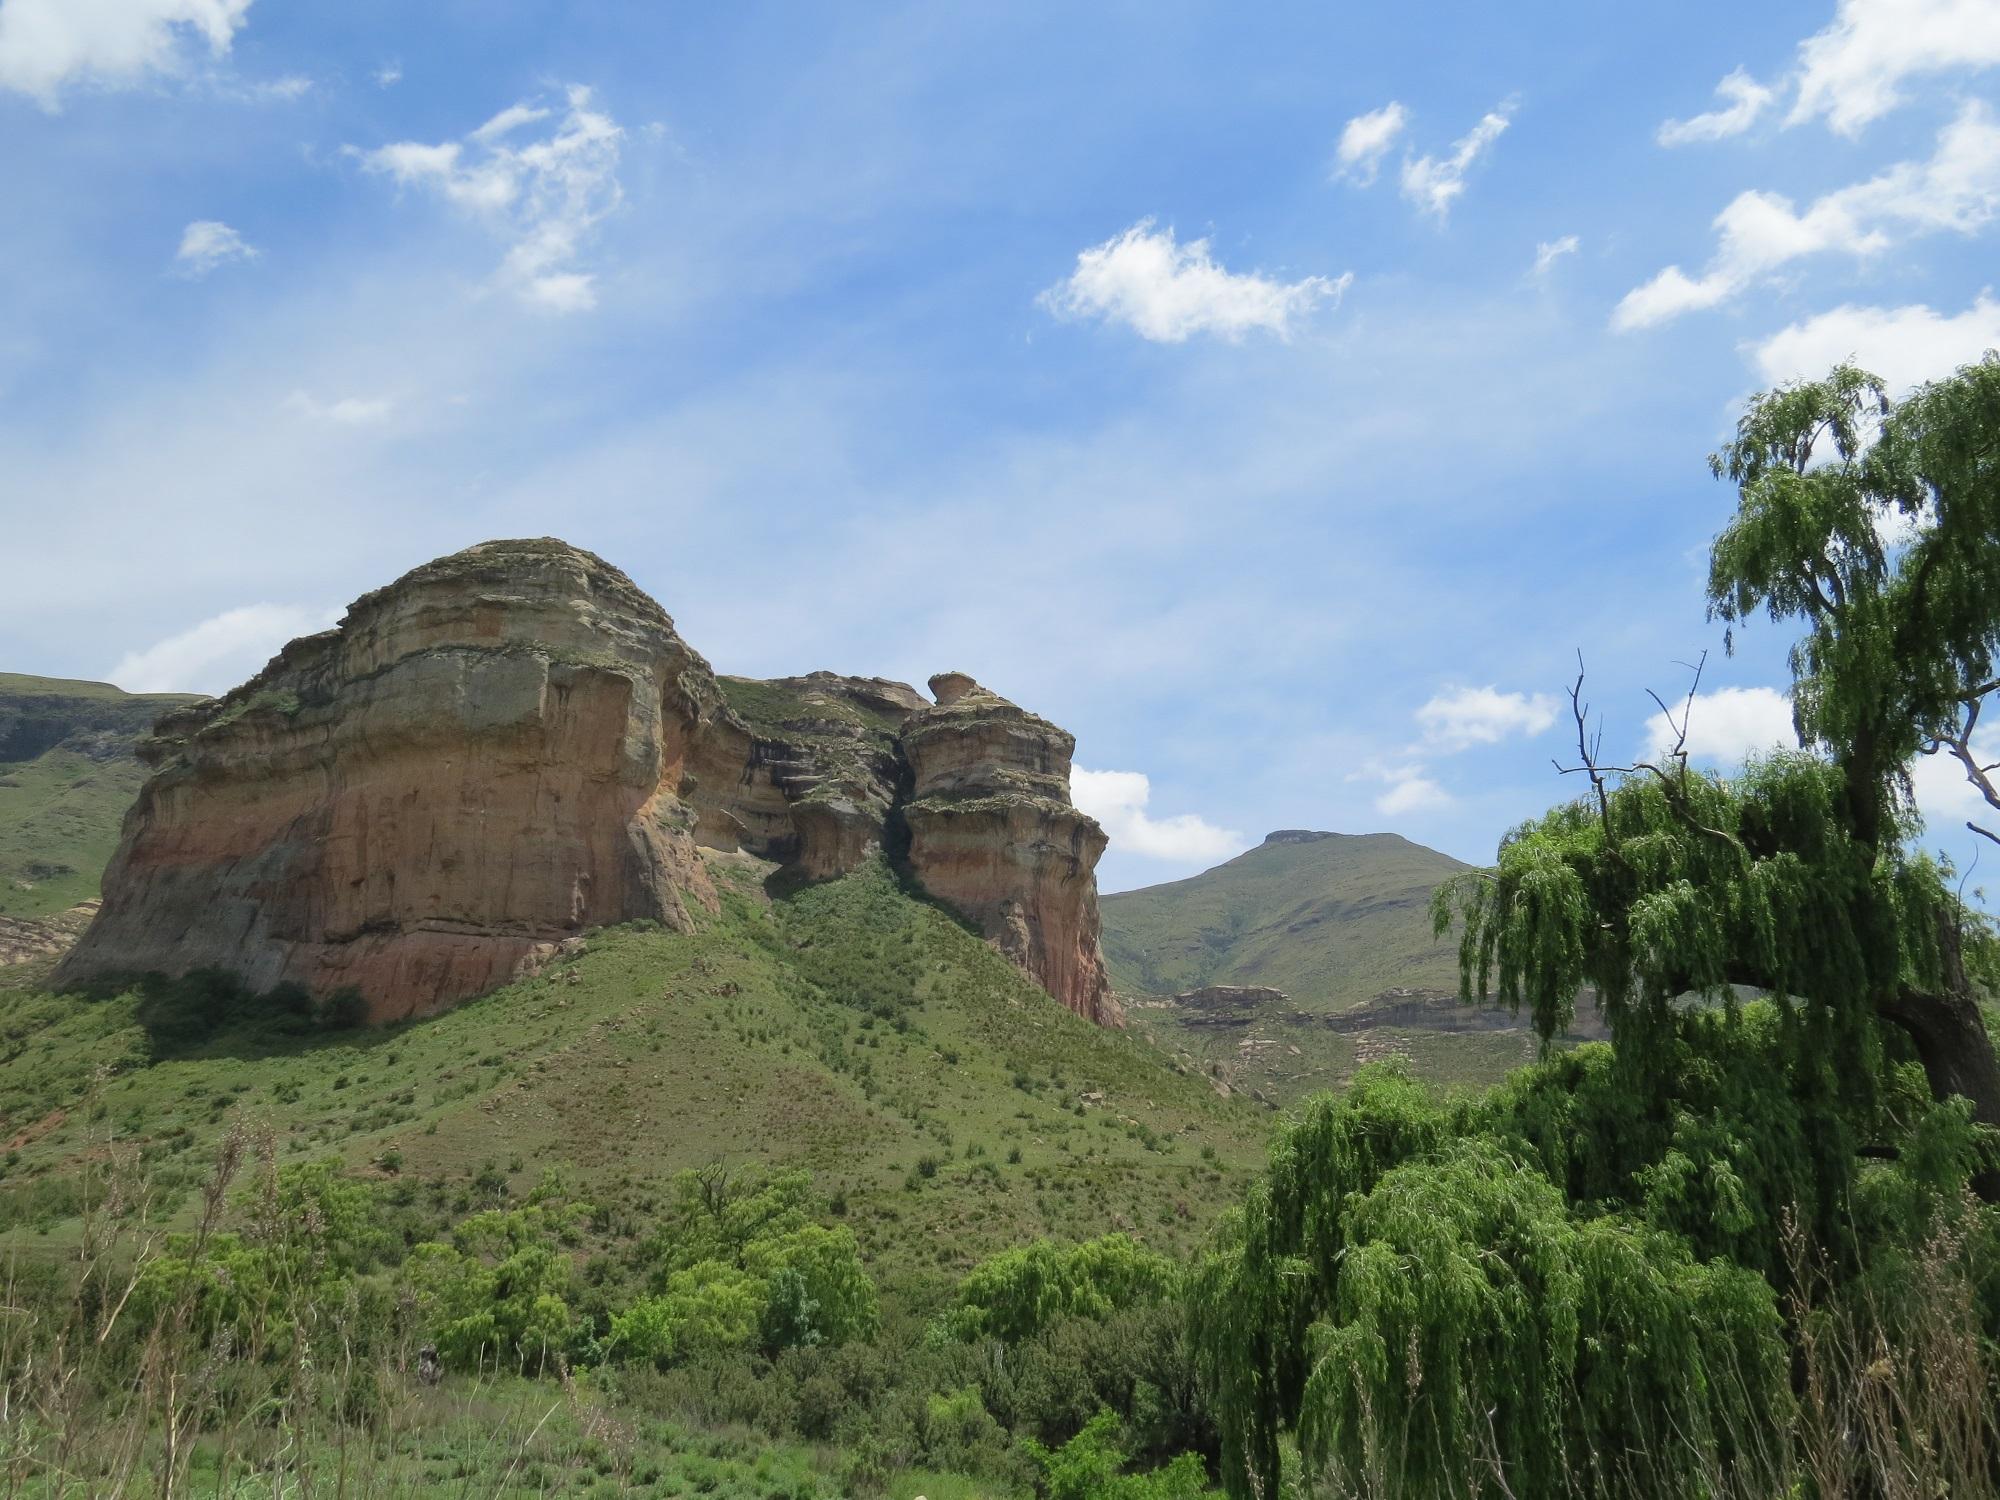 Omgeving Clarens Zuid-Afrika